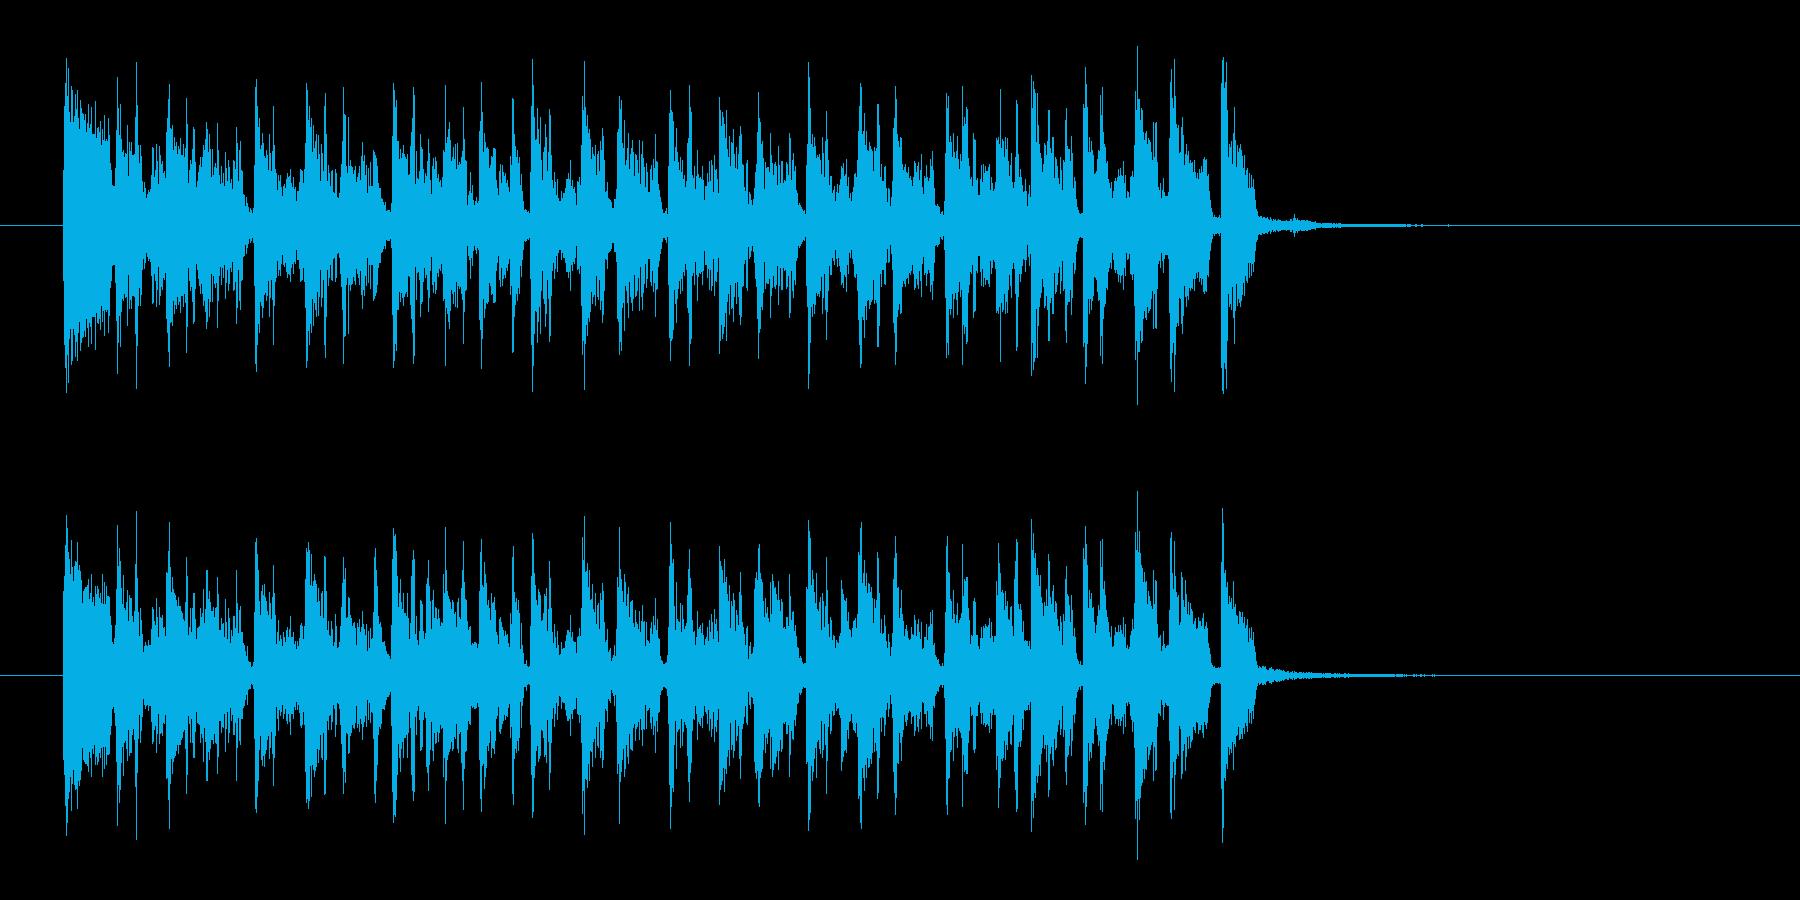 リズミカルで軽快な木琴ジングルの再生済みの波形